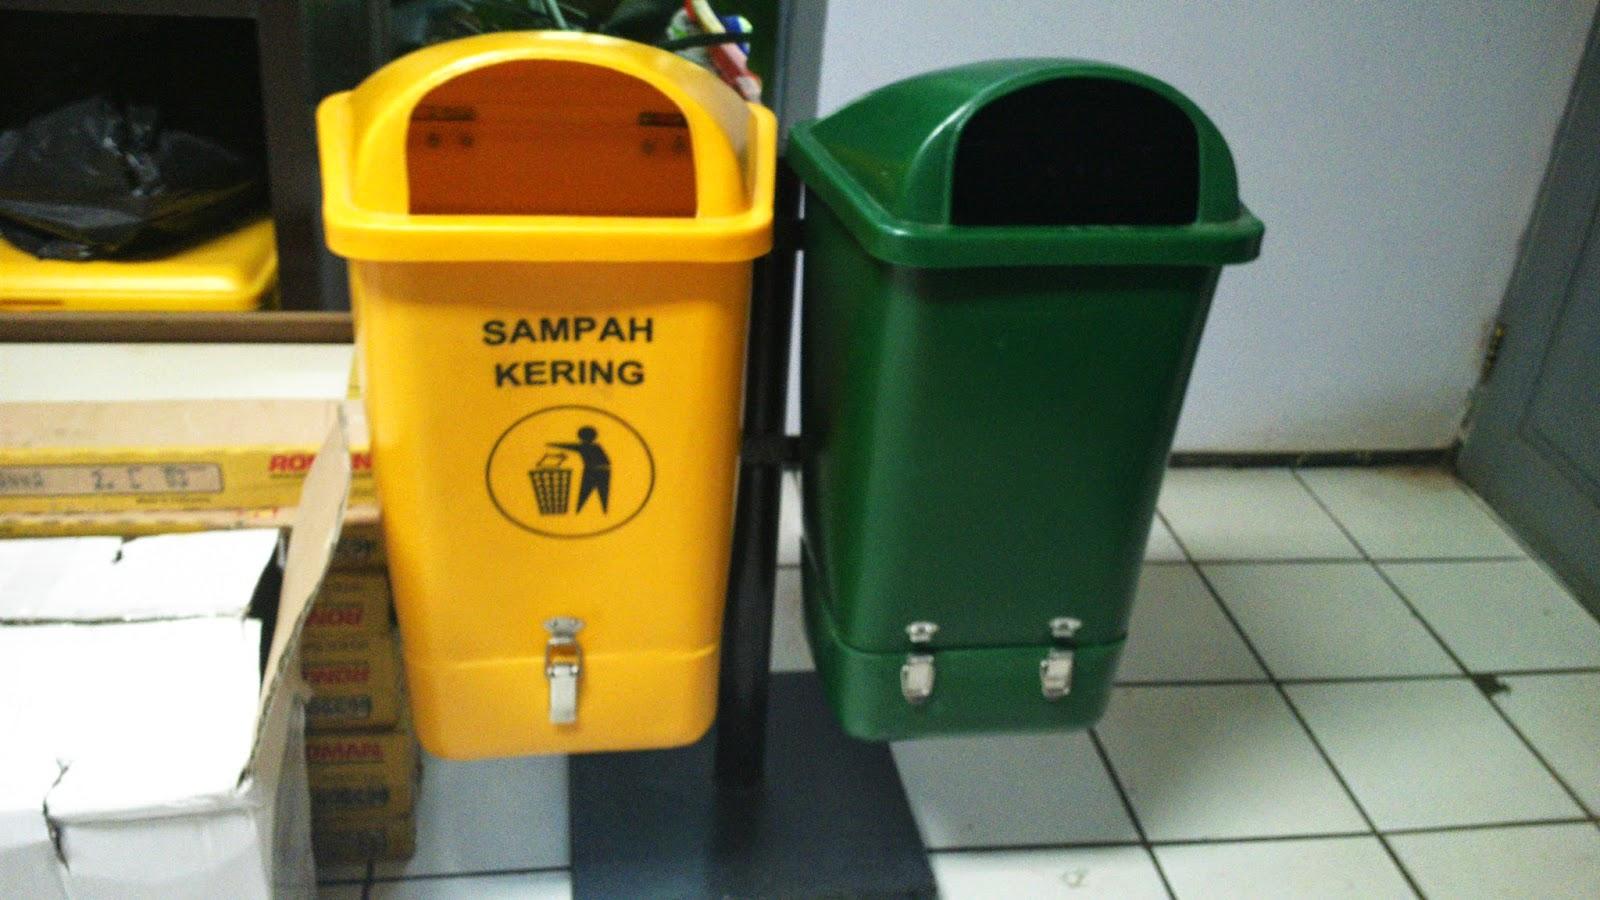 tong sampah HDPE